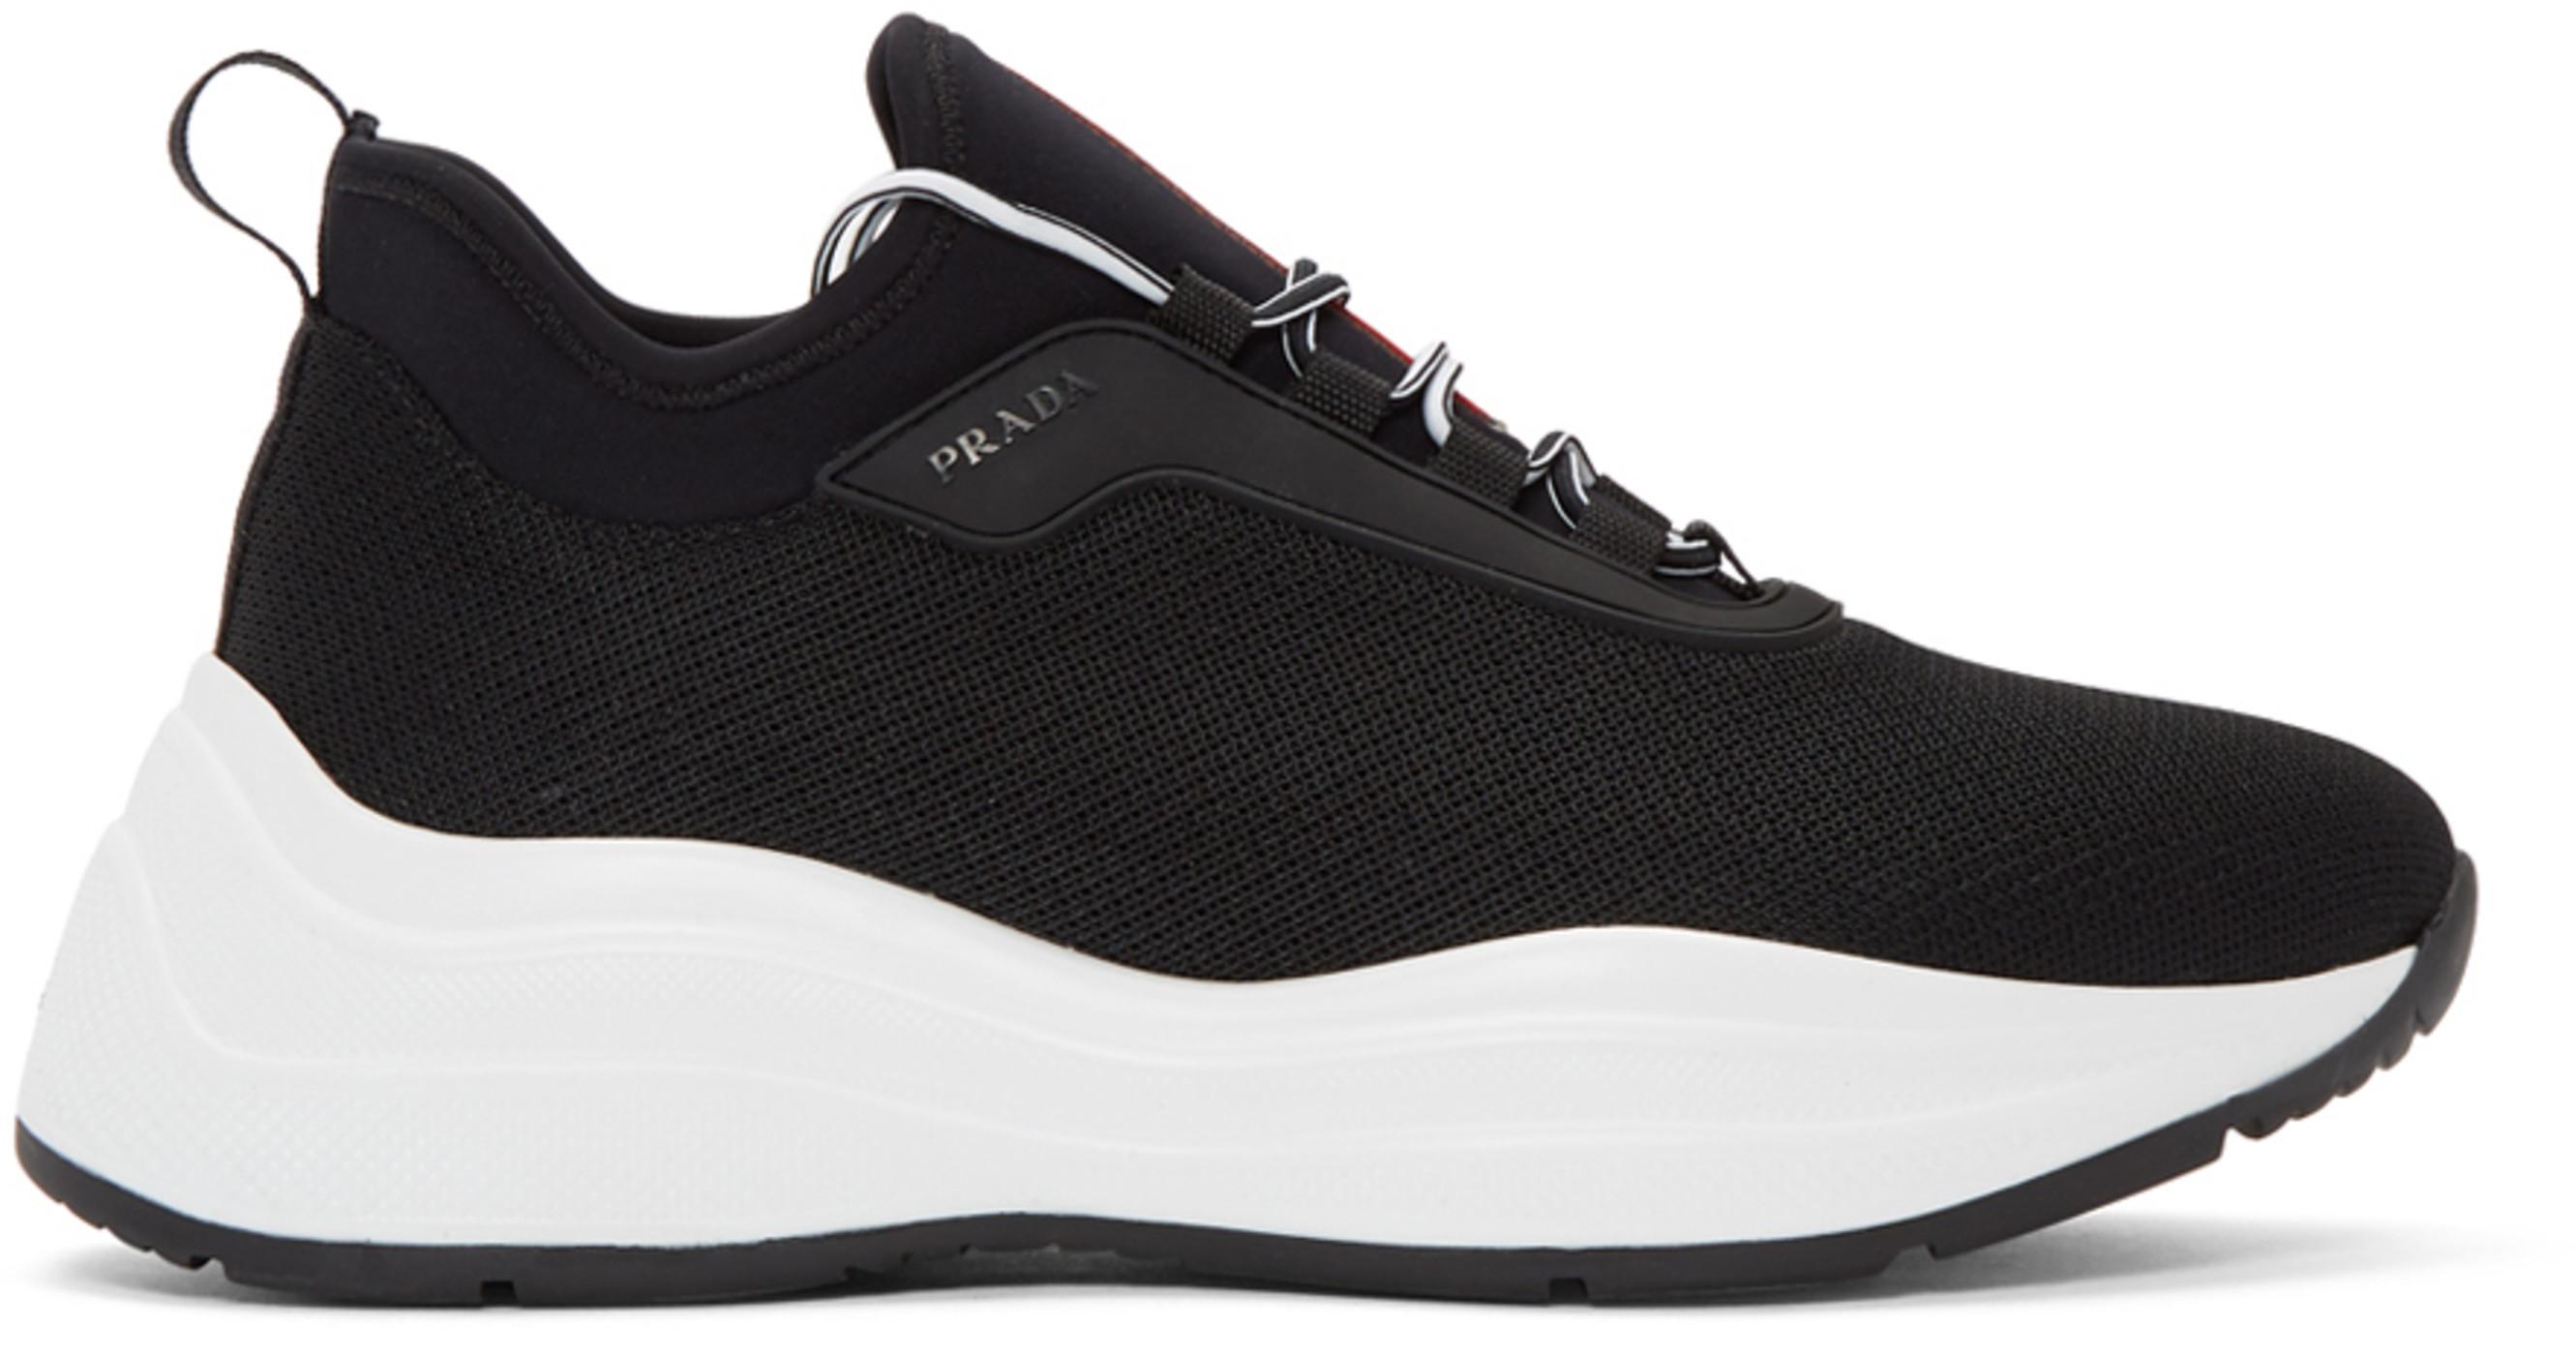 e7a5228c05525 Prada shoes for Women